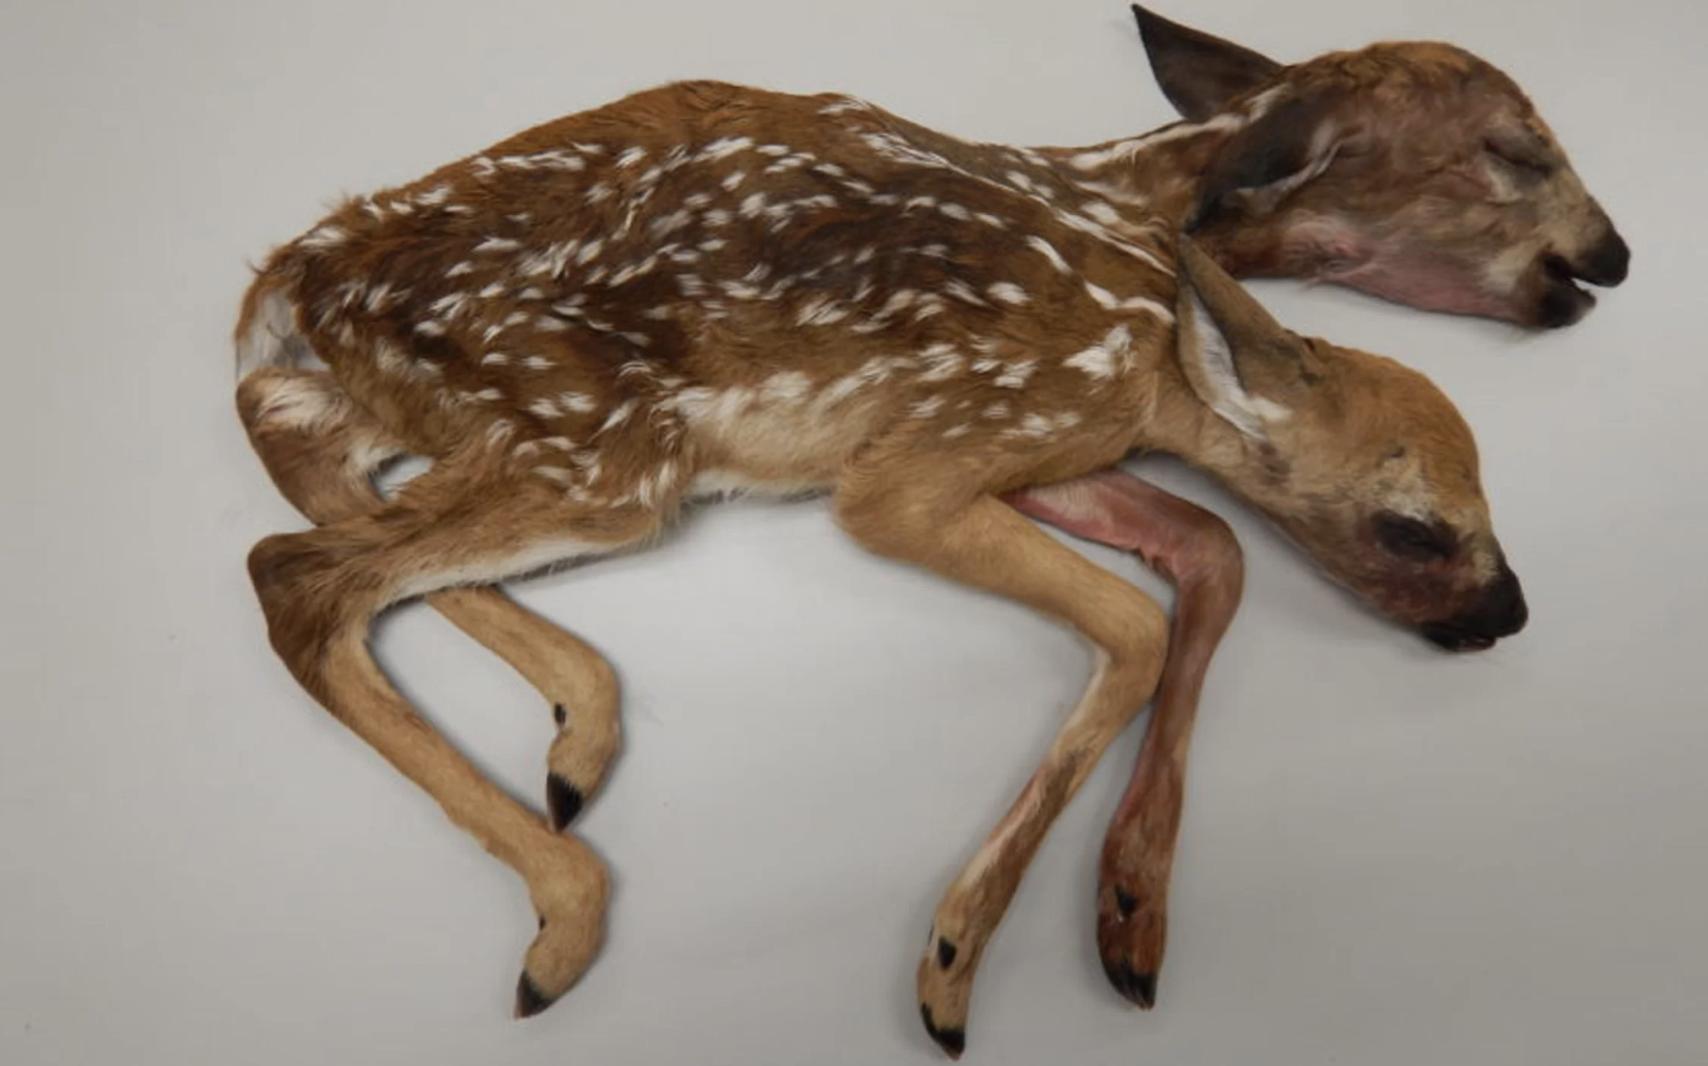 這頭身長60公分的連體嬰母鹿,是迄今為止足月生產的小鹿首例。喬治亞大學提供